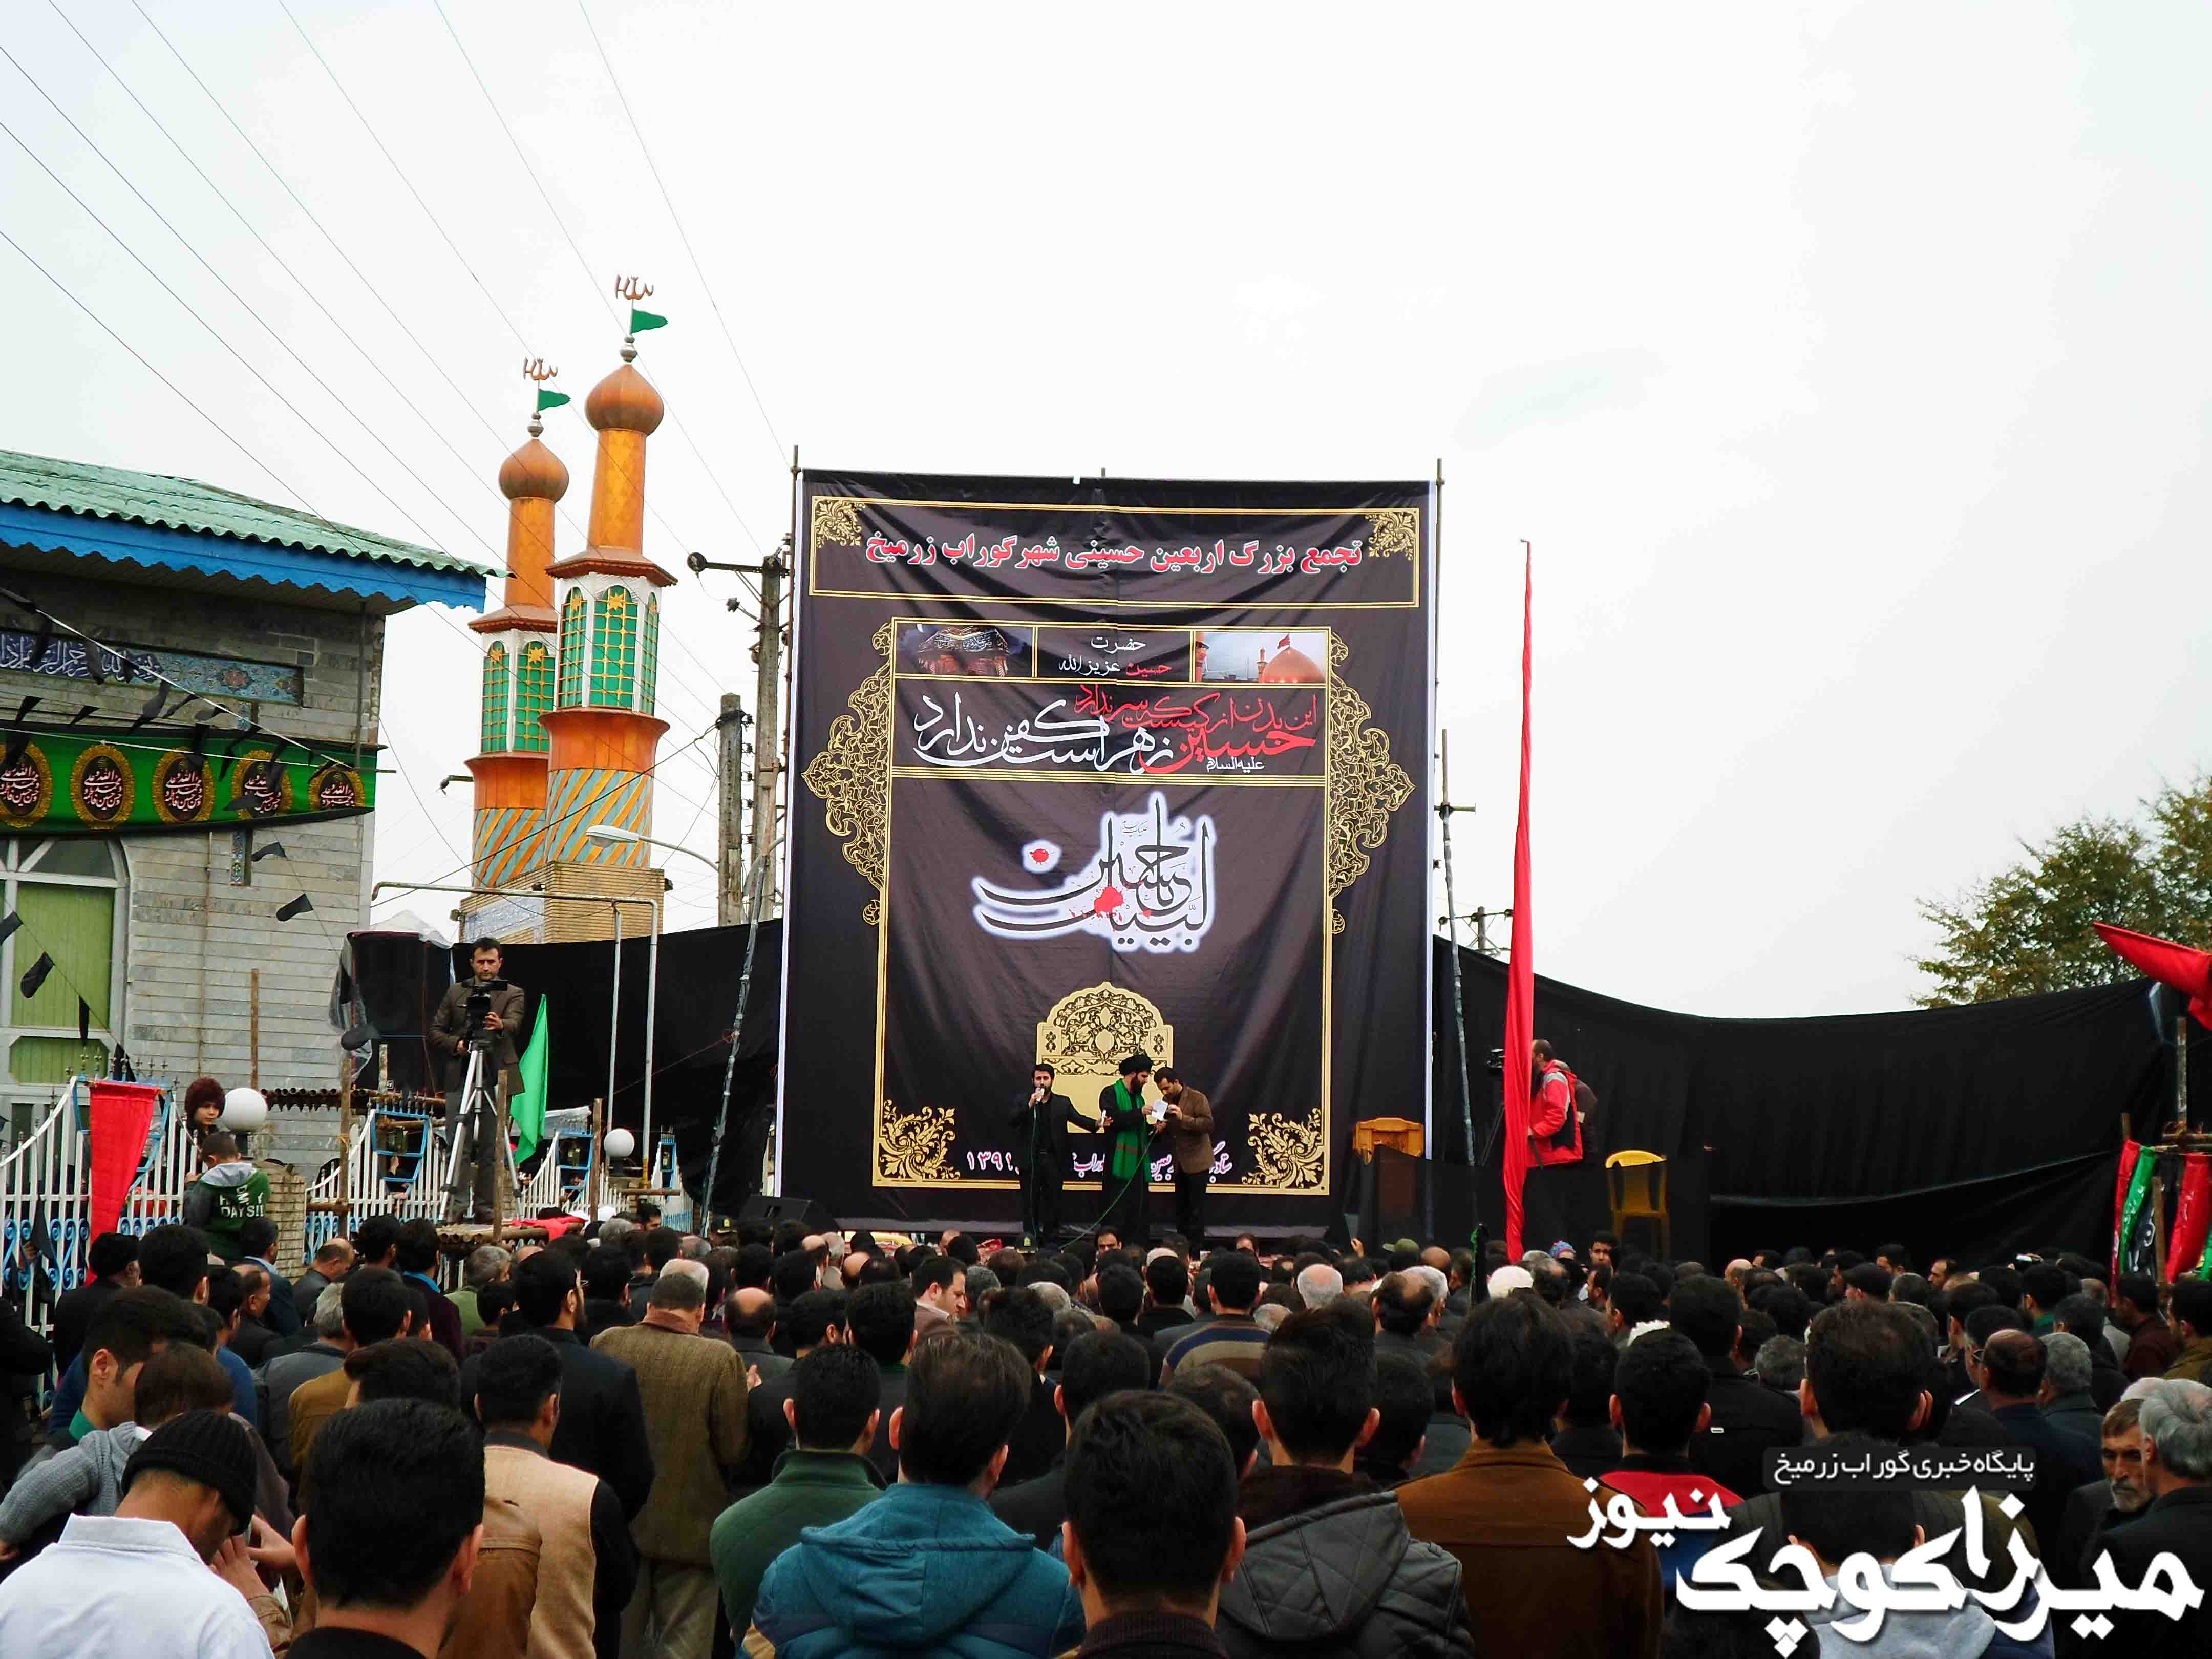 گزارش تصویری تجمع بزرگ اربعین حسینی در گوراب زرمیخ